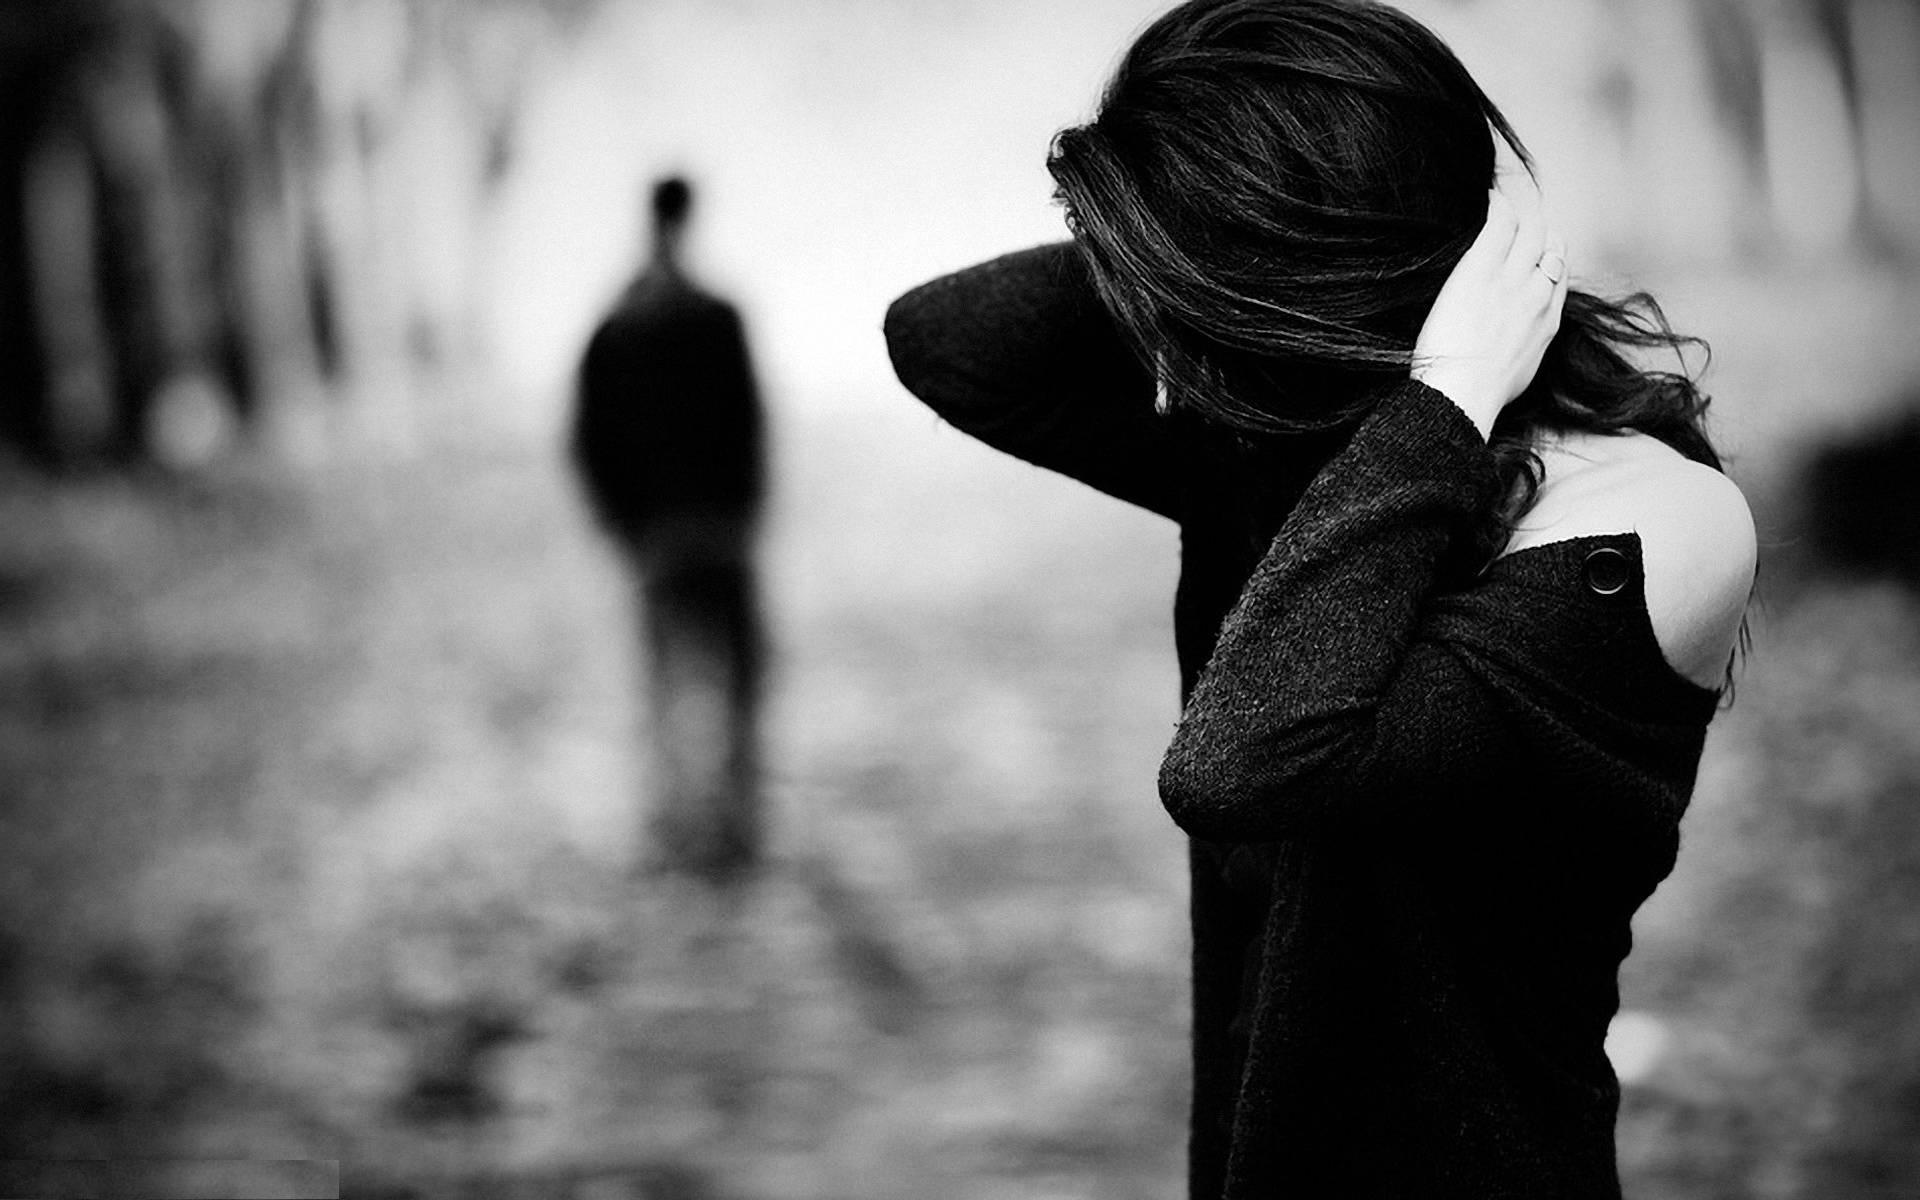 بالصور صور رومانسيه حزينه , اصعب الرومنسية الحزينه فى صور 3532 11